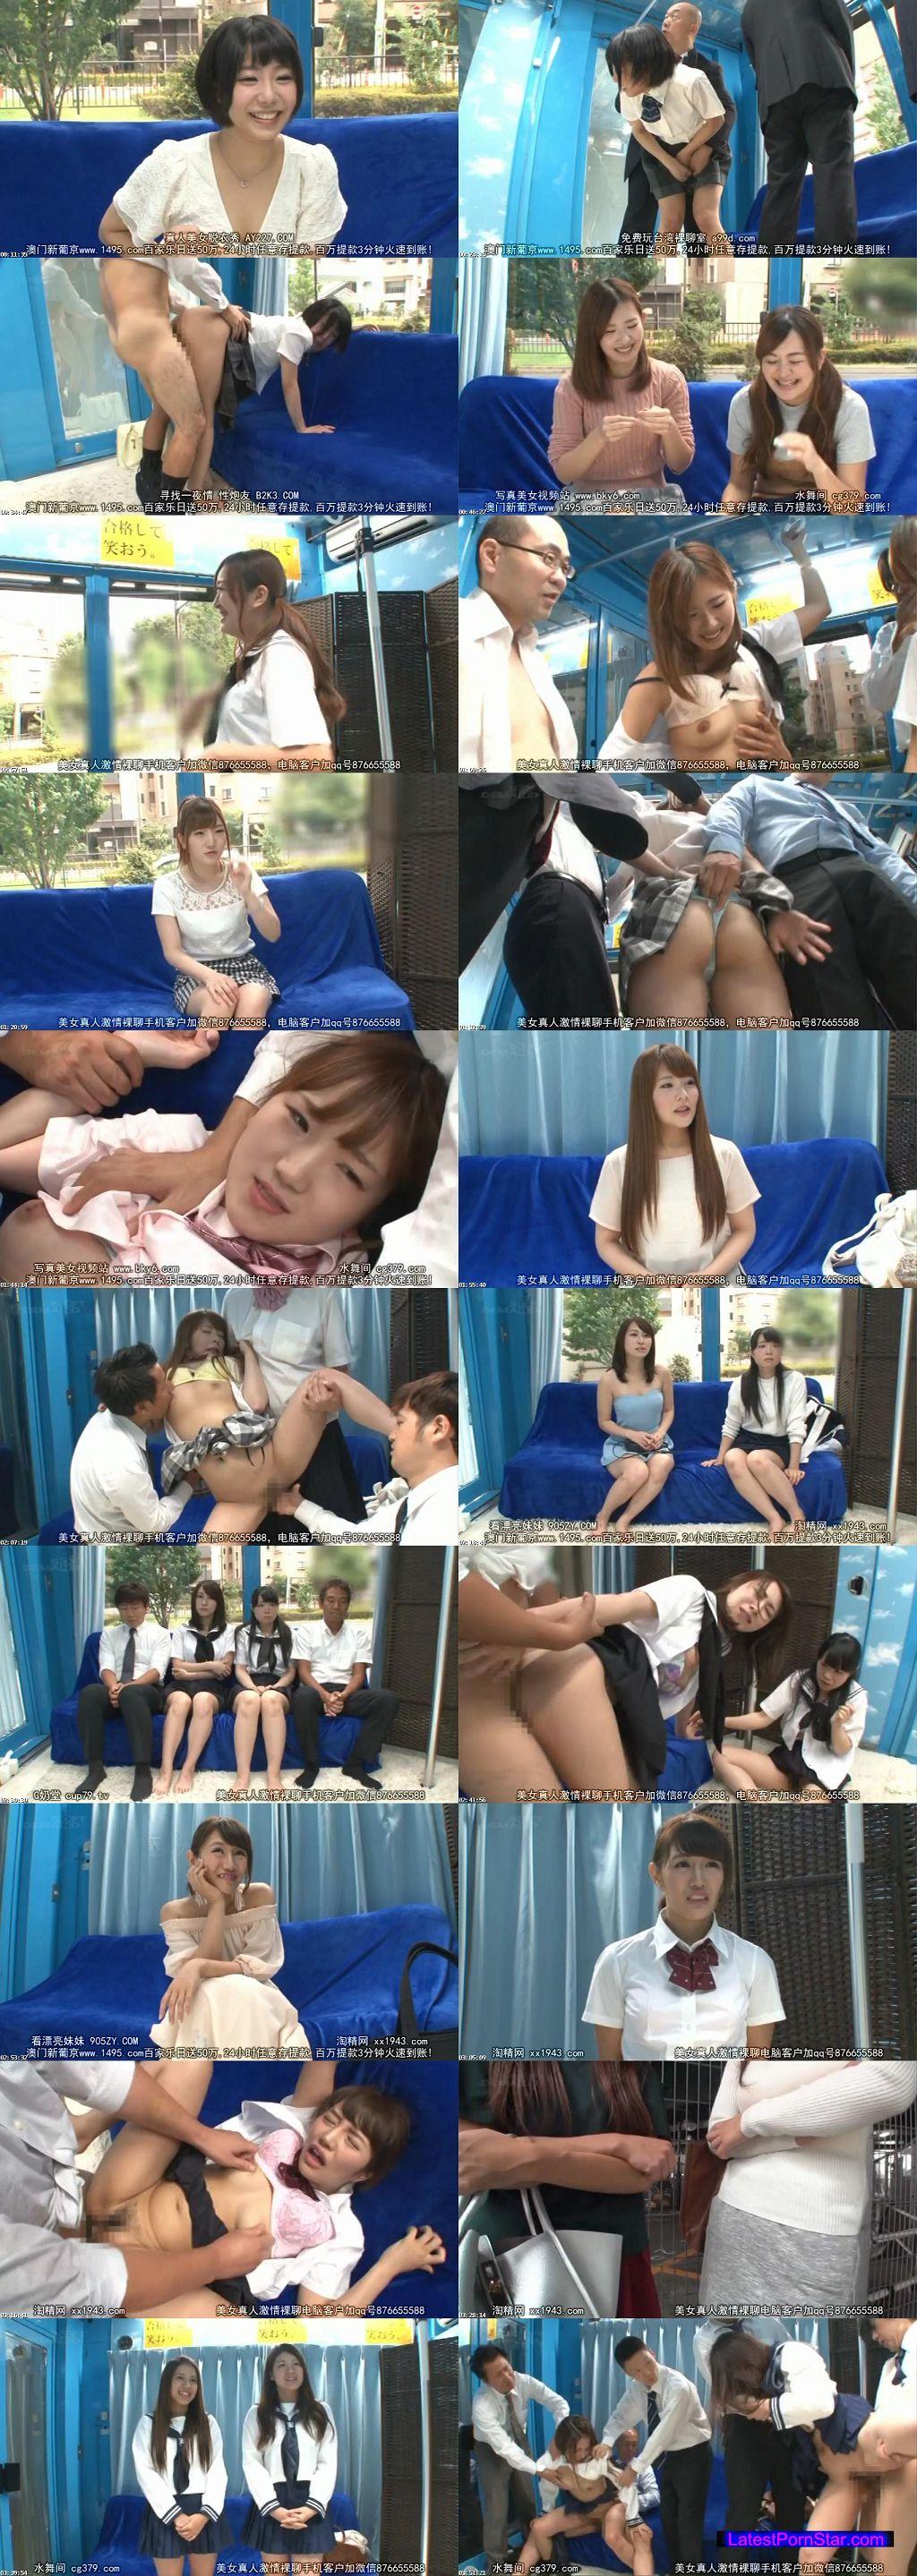 [SDMU-398] マジックミラー号 10代美少女限定ナンパ!痴漢を受けたことのある女の子たちに「痴漢対策の方法をお教えします!」が一転!まさかの痴漢被害者に?!あどけない女の子をあの手この手で触りまくり!感度をあげて10人中6人挿入成功!